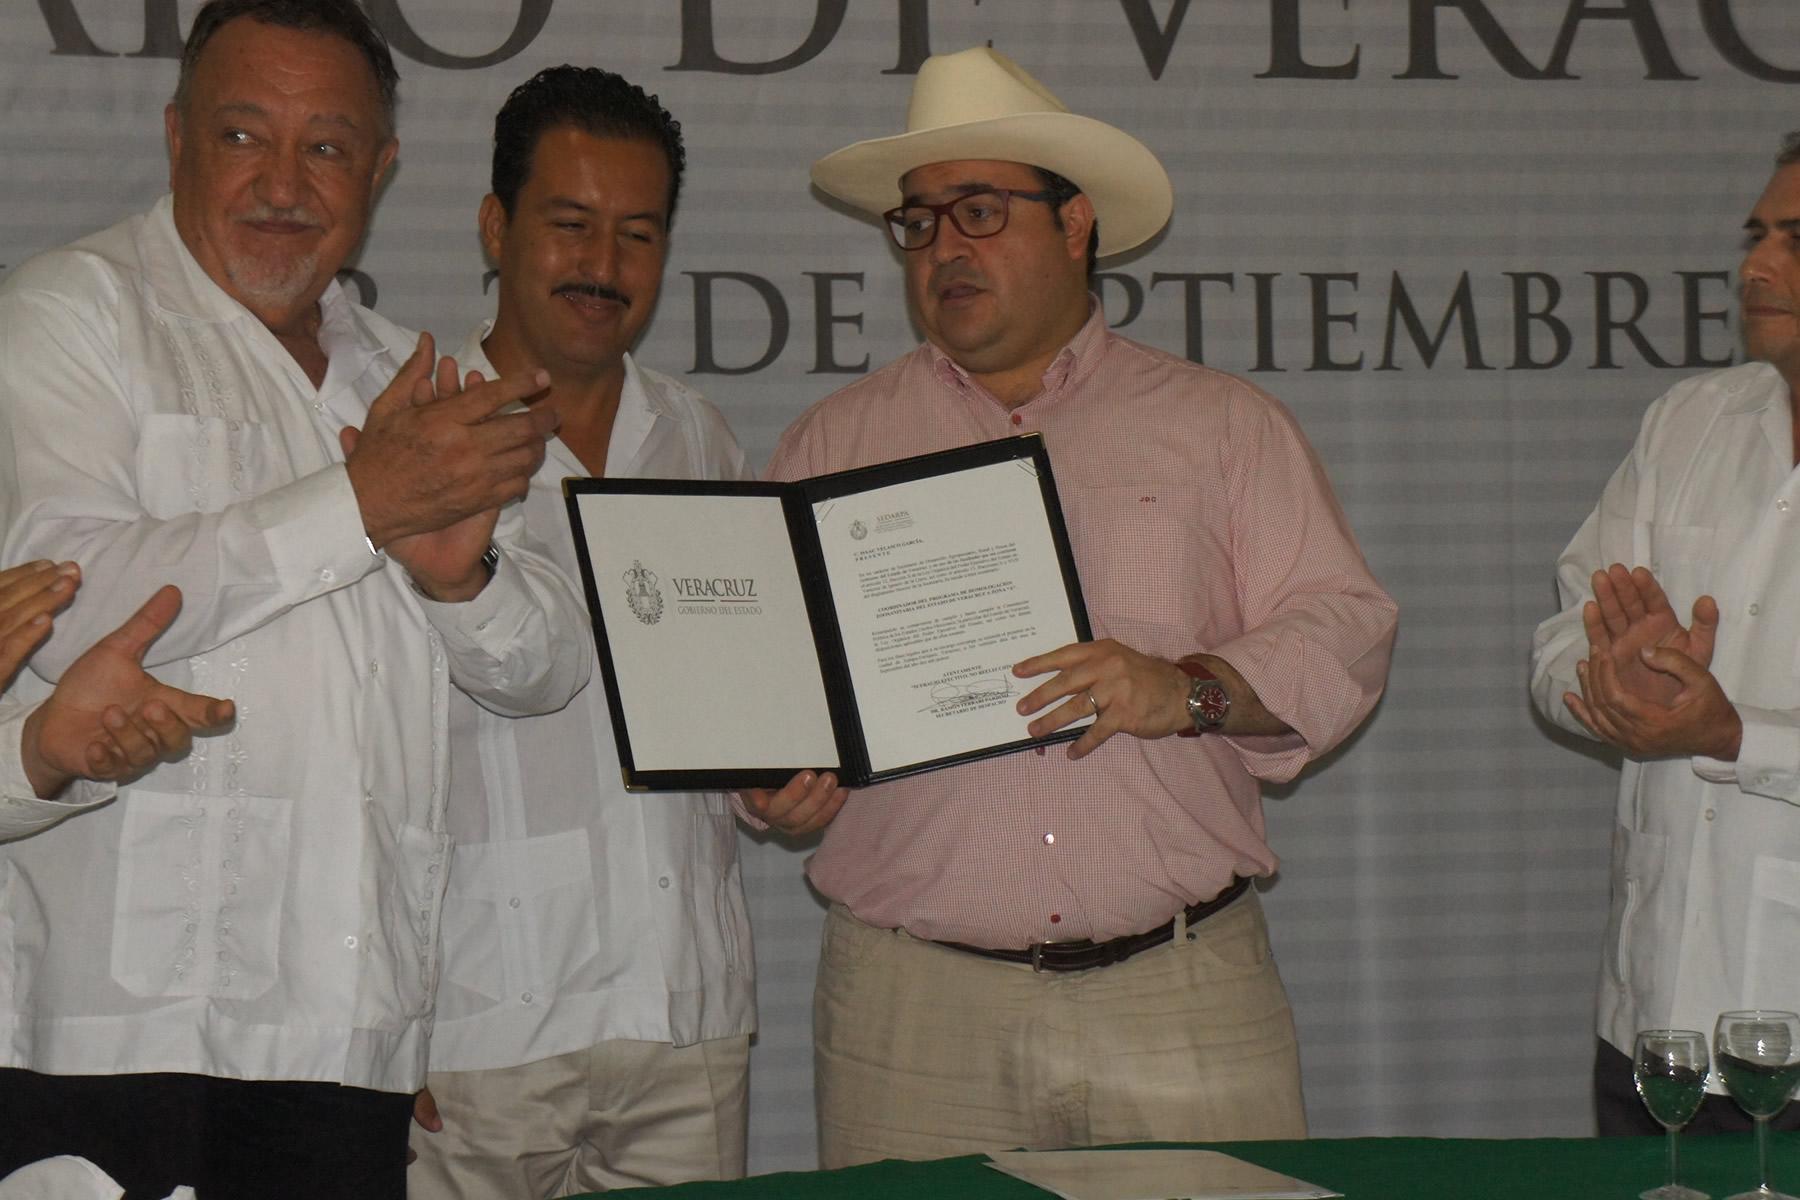 El propósito es que todo el estado eleve su estatus al de Modificado Acreditado –con el que cuentan actualmente 165 municipios del centro y norte de Veracruz—, lo que les permite exportar ganado en pie a Estados Unidos.